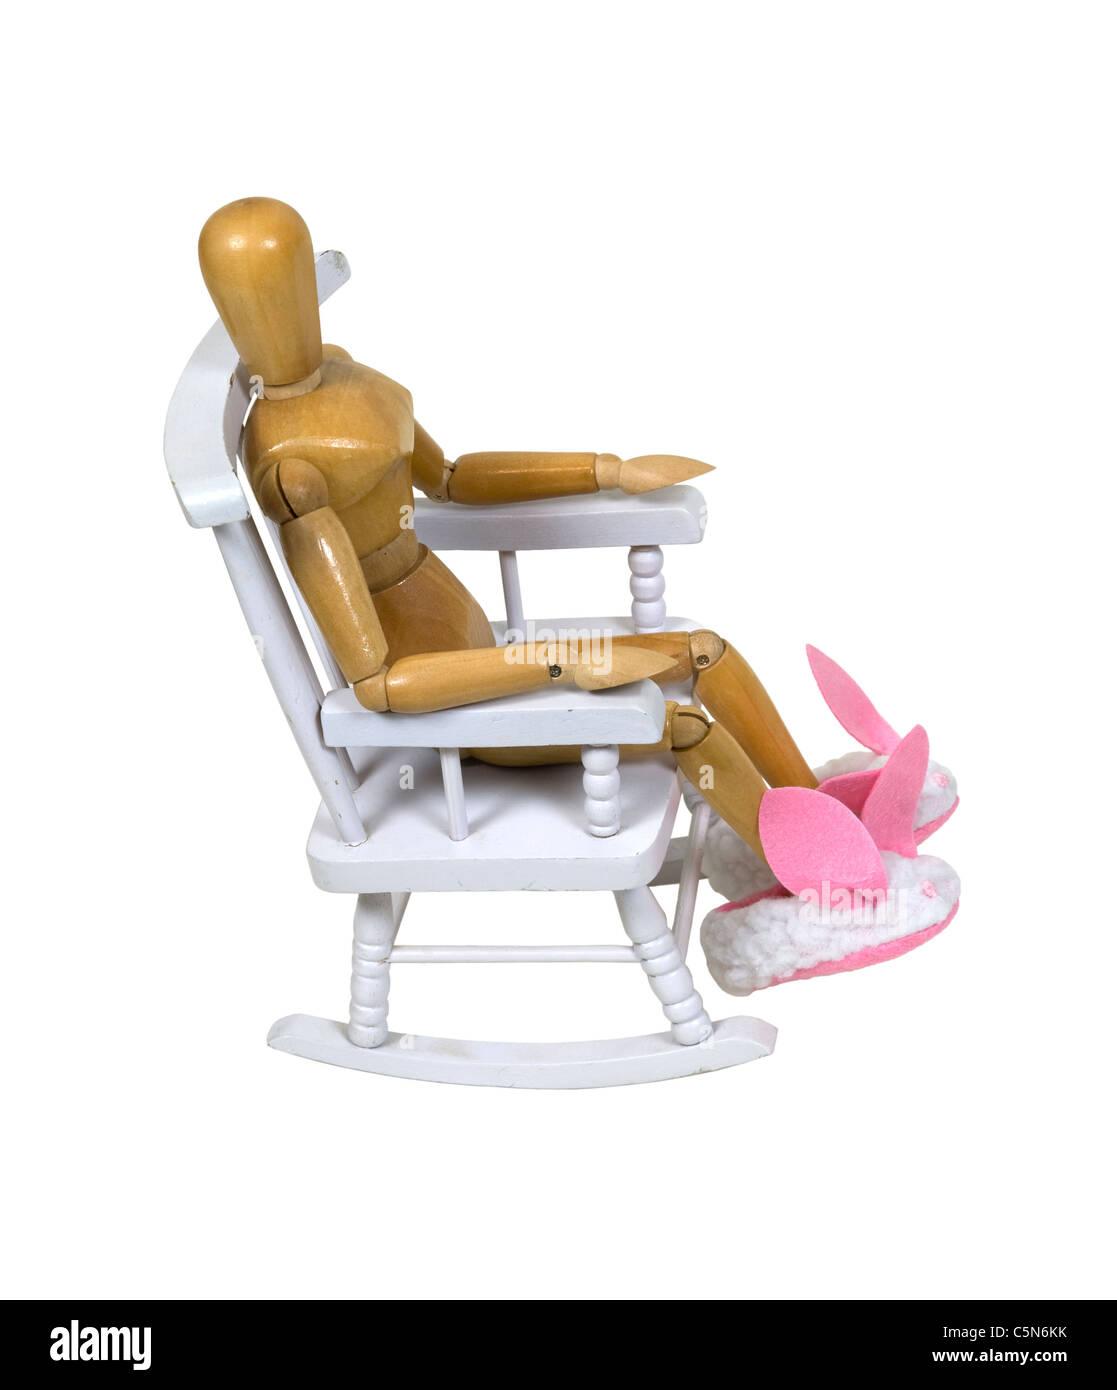 Relajarse en una mecedora vistiendo fuzzy zapatillas de conejito rosa con grandes orejas y nariz - Ruta incluida Imagen De Stock